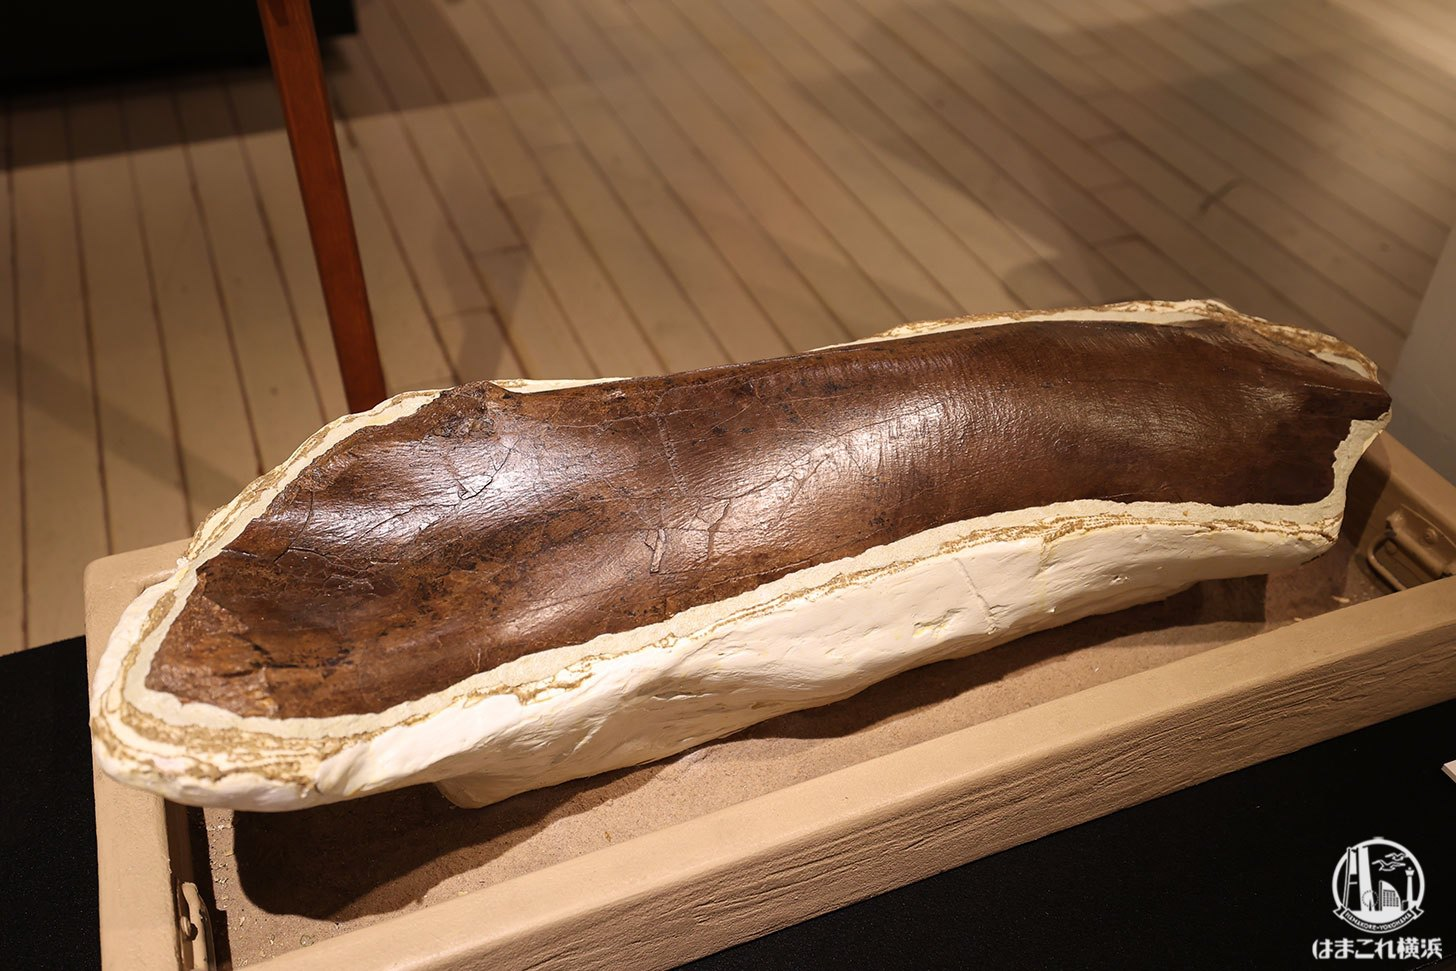 ティラノサウルスの大腿骨